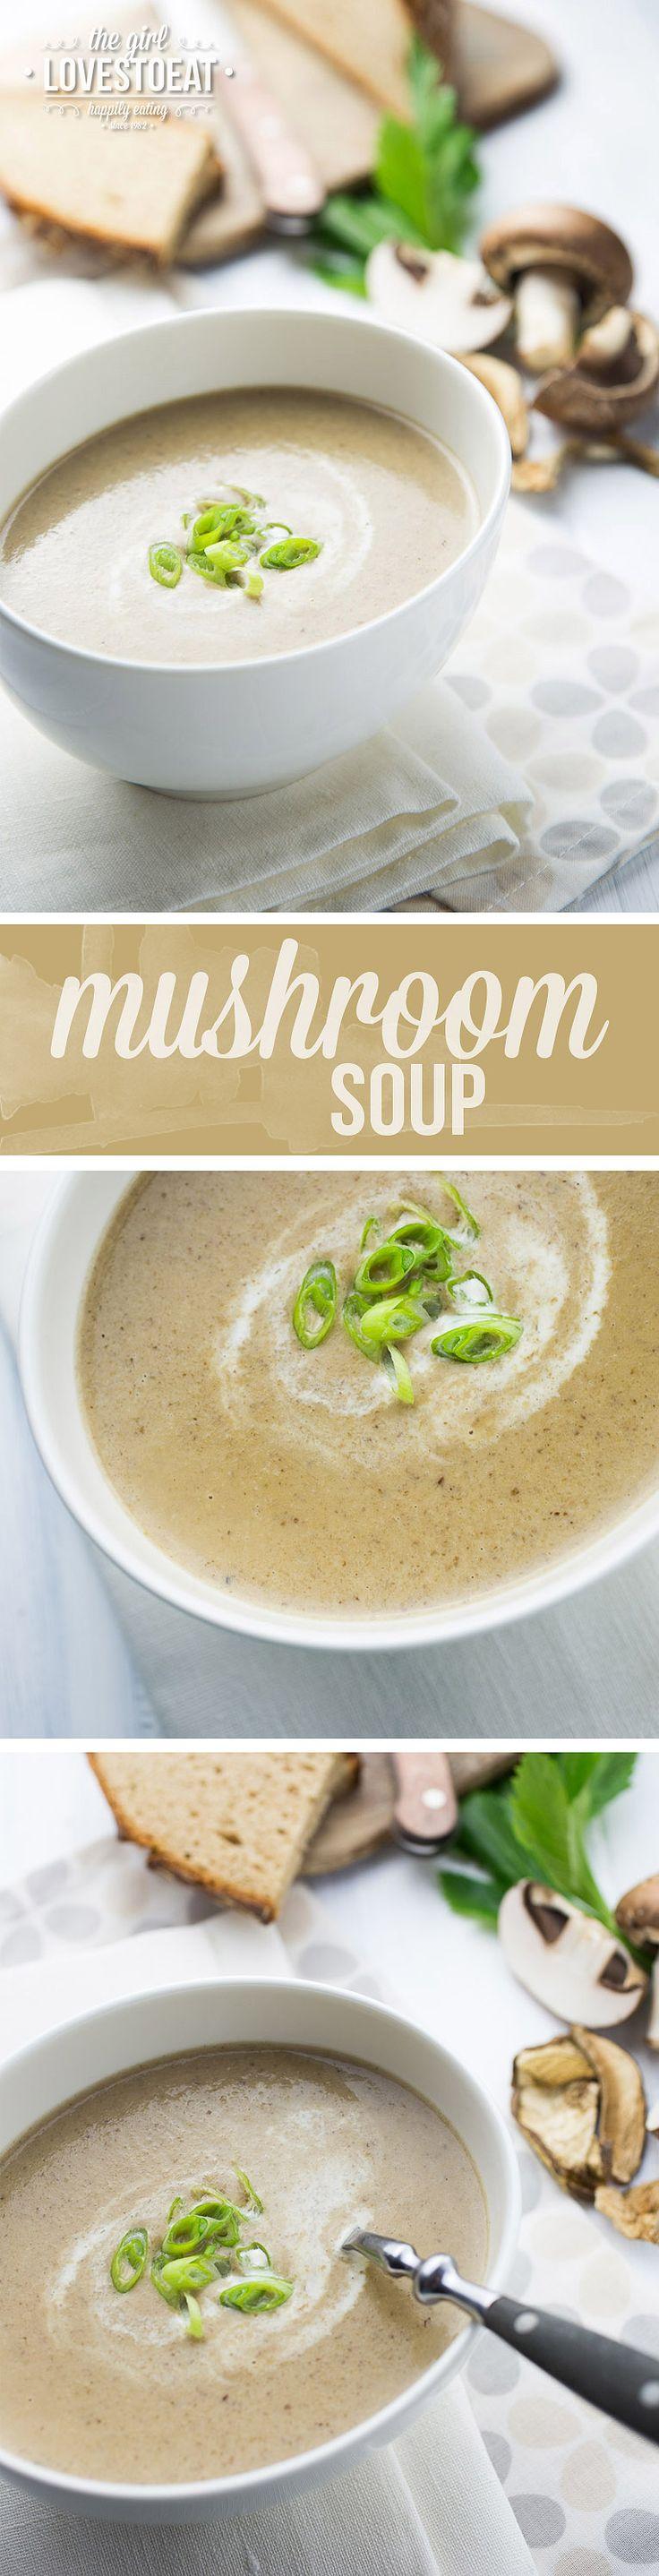 Creamy Mushroom Soup {thegirllovestoeat.com}